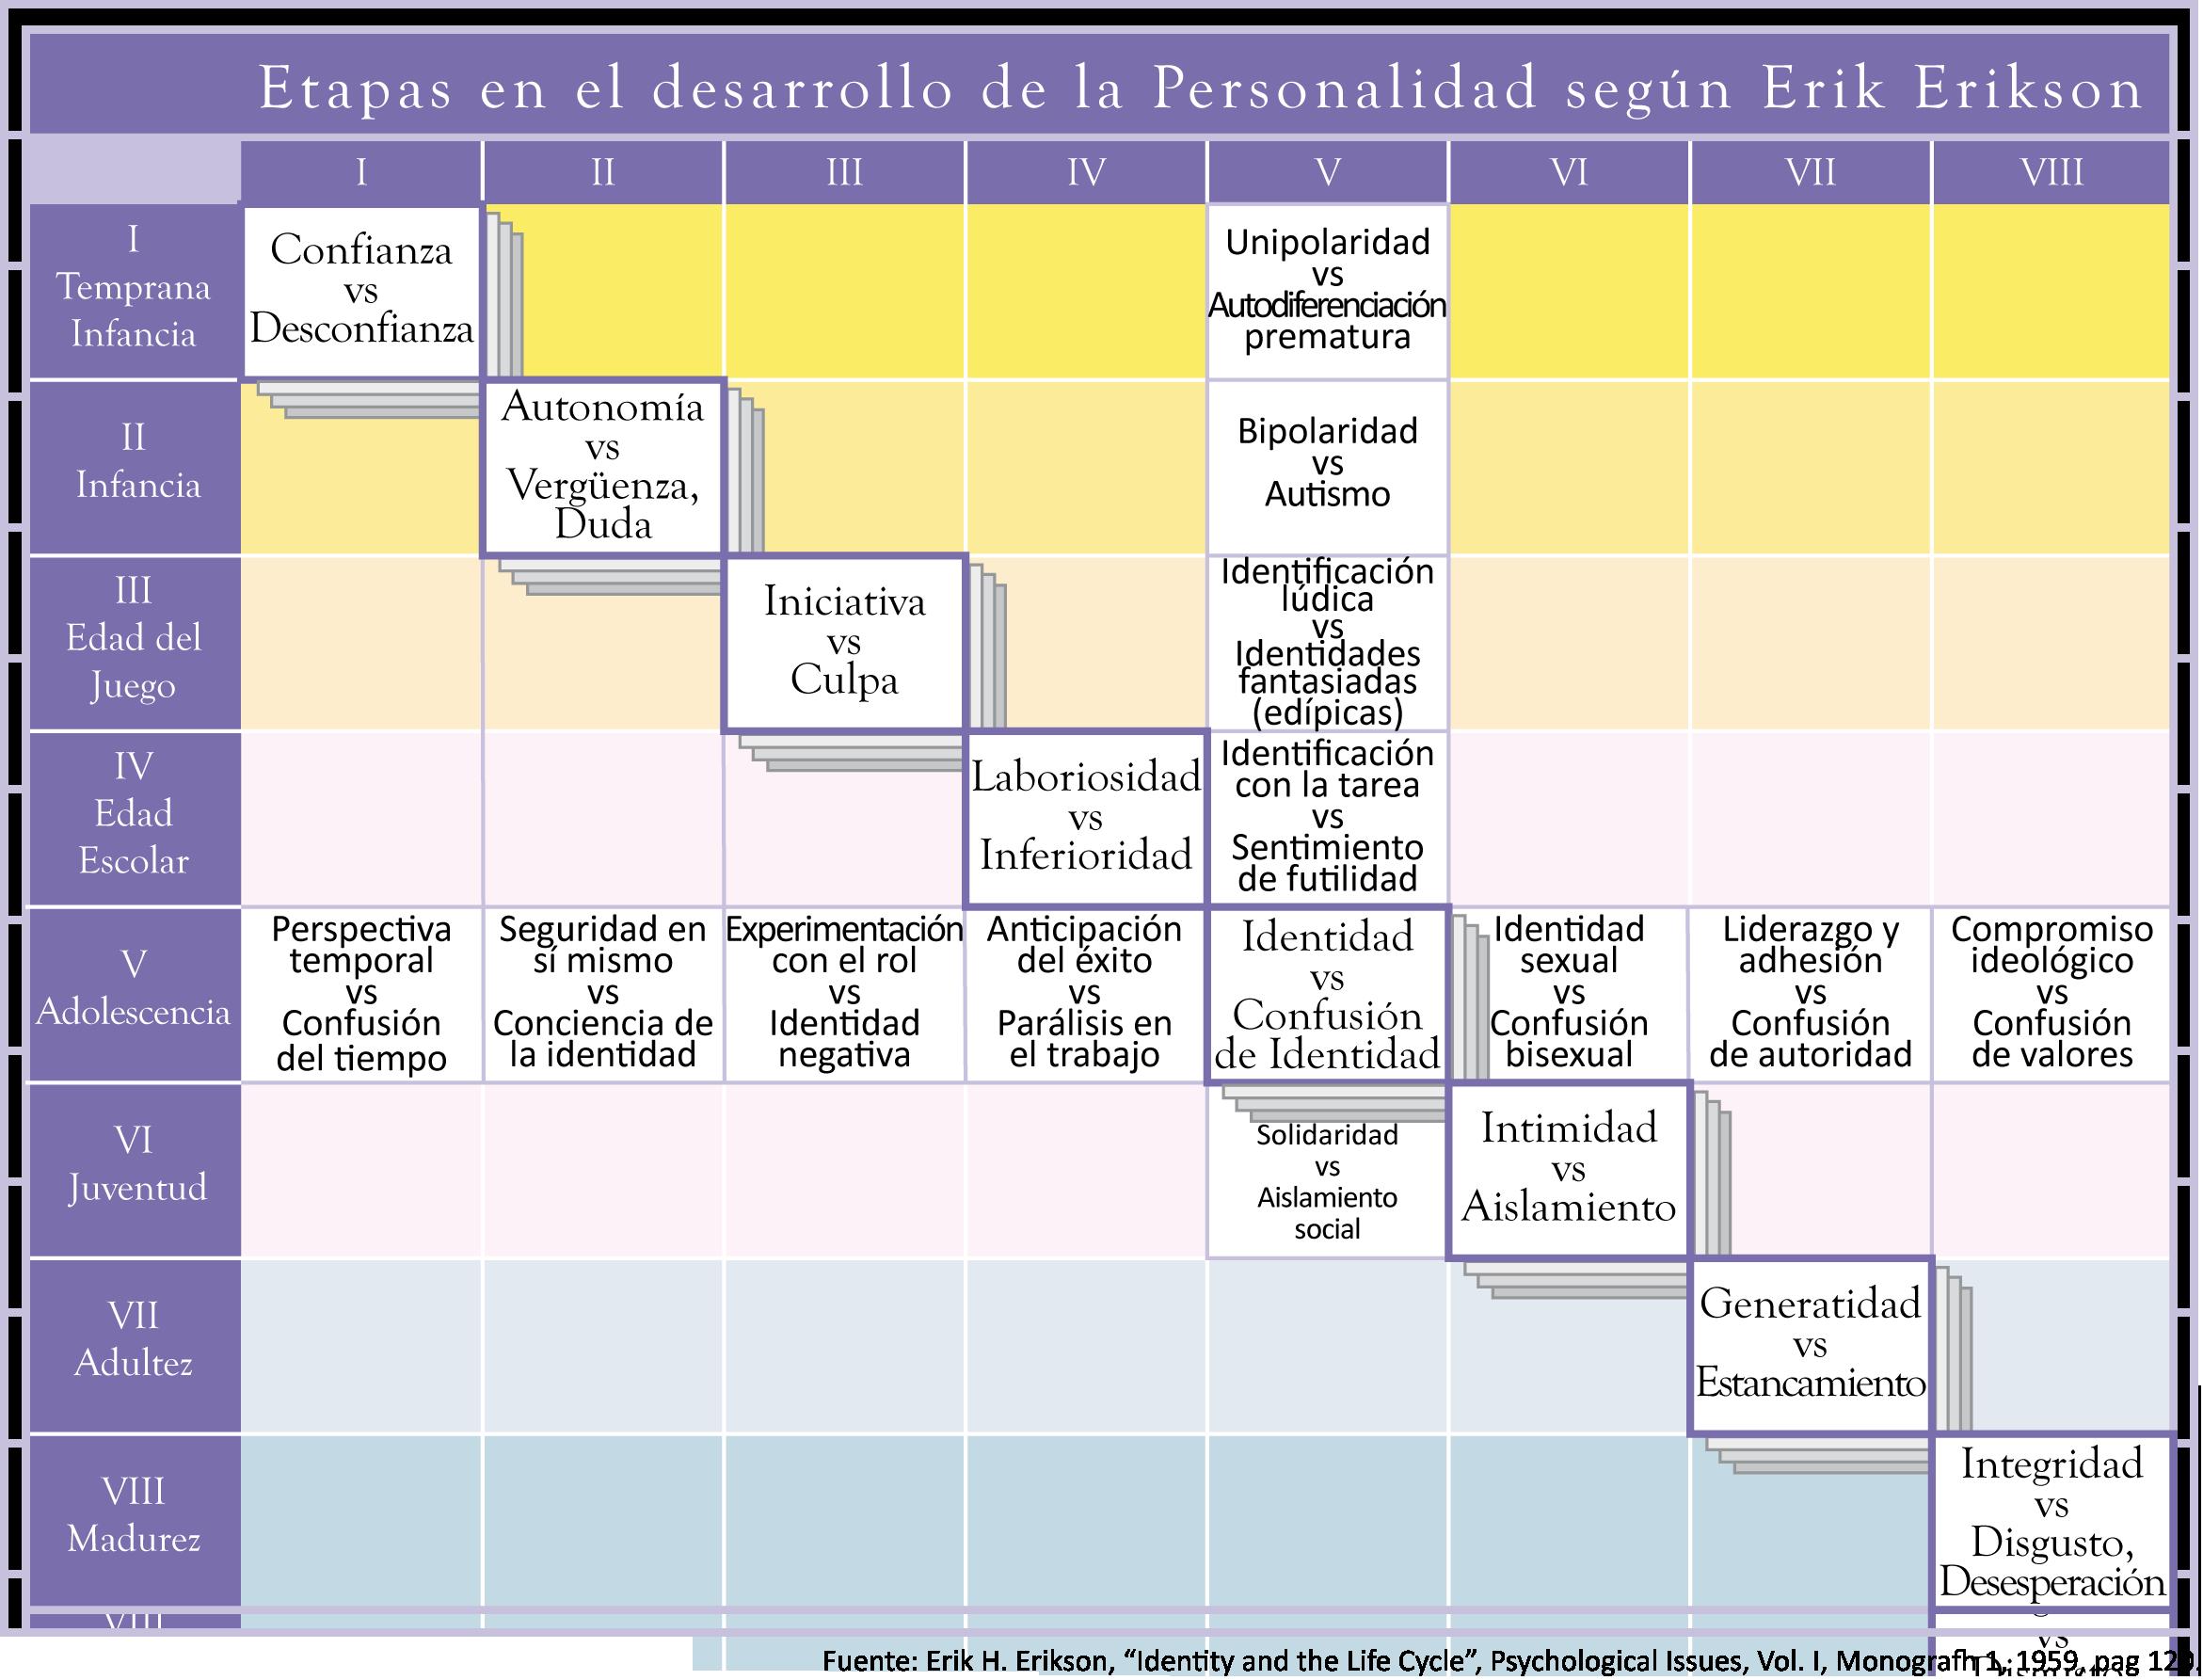 Ciclo desarrollo Erikson